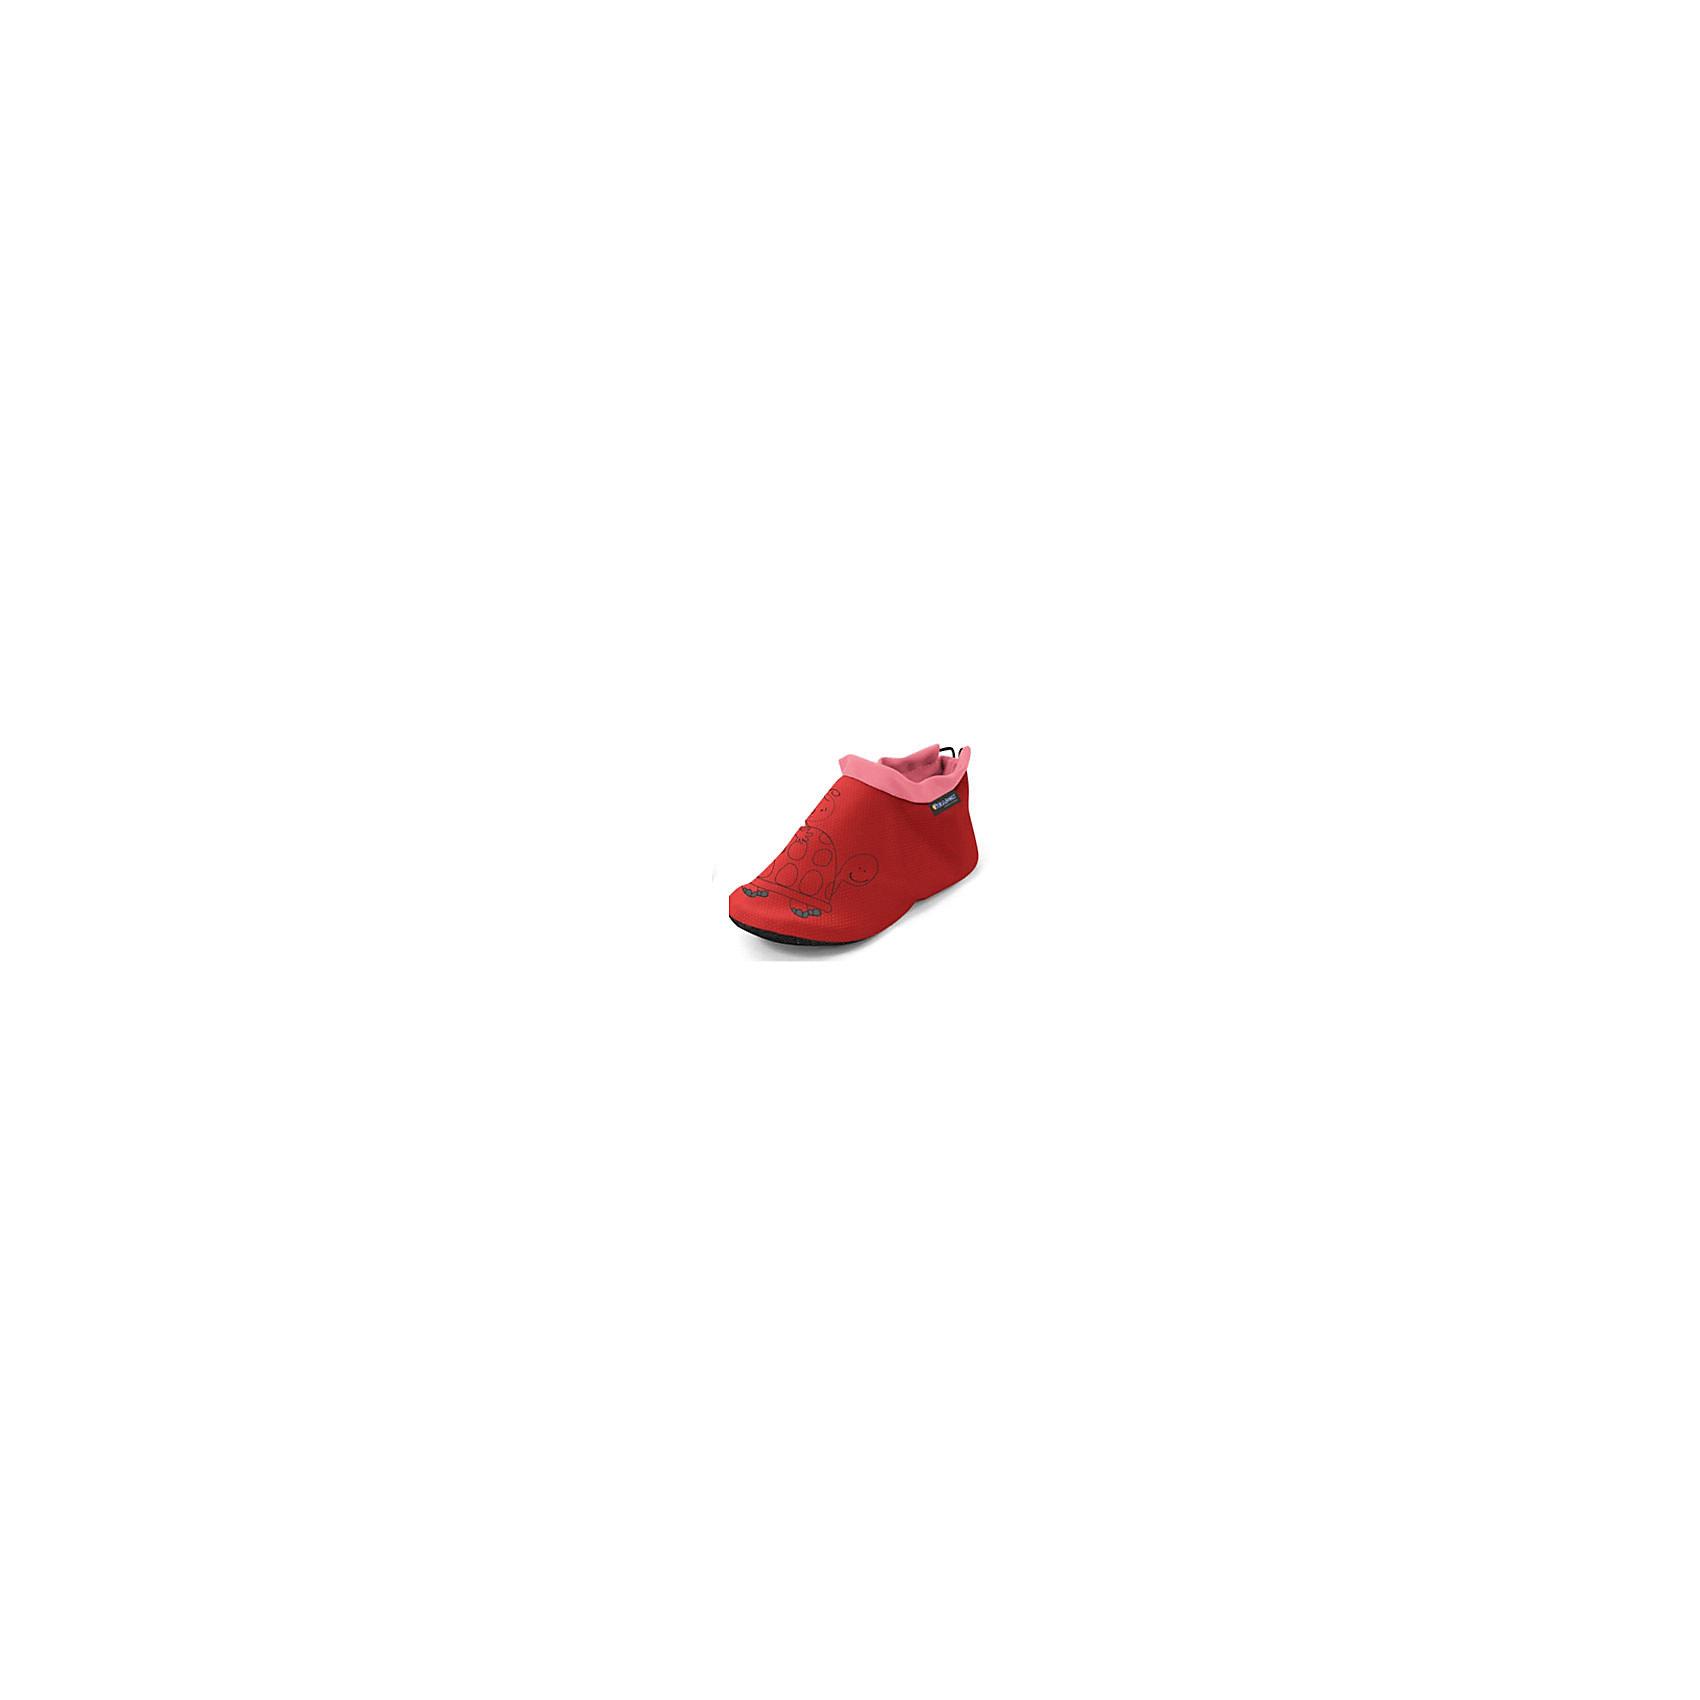 Бахилки детские для автомобиля 2105-2817, Welldon, RedАксессуары<br>Бахилки детские для автомобиля 2105-2817, Welldon, Red — это настоящая находка для родителей.<br>Детские бахилки помогут сохранить коляску, сиденье автомобиля или Вашу одежду в чистом состоянии. Оденьте их на грязную обувь малыша перед тем, как посадить его в коляску, в автокресло или взять на руки, и вся грязь останется внутри бахил. Универсальные бахилы для обуви сшиты из водонепроницаемой ткани и оформлены вышивкой с изображением черепашки и малыша. Бахилки плотно держится на ногах благодаря двум резинкам с удобными фиксаторами, которые легко регулируются одной рукой. Черная подошва с прорезиненными пупырышками предотвратит скольжение ноги. При необходимости бахилки можно постирать.<br><br>Дополнительная информация:<br><br>- Цвет: красный<br>- Материал: текстиль<br>- Размер регулируемый: до 18 см.<br><br>Бахилки детские для автомобиля 2105-2817, Welldon, Red можно купить в нашем интернет-магазине.<br><br>Ширина мм: 400<br>Глубина мм: 330<br>Высота мм: 600<br>Вес г: 400<br>Возраст от месяцев: 6<br>Возраст до месяцев: 36<br>Пол: Унисекс<br>Возраст: Детский<br>SKU: 4811294